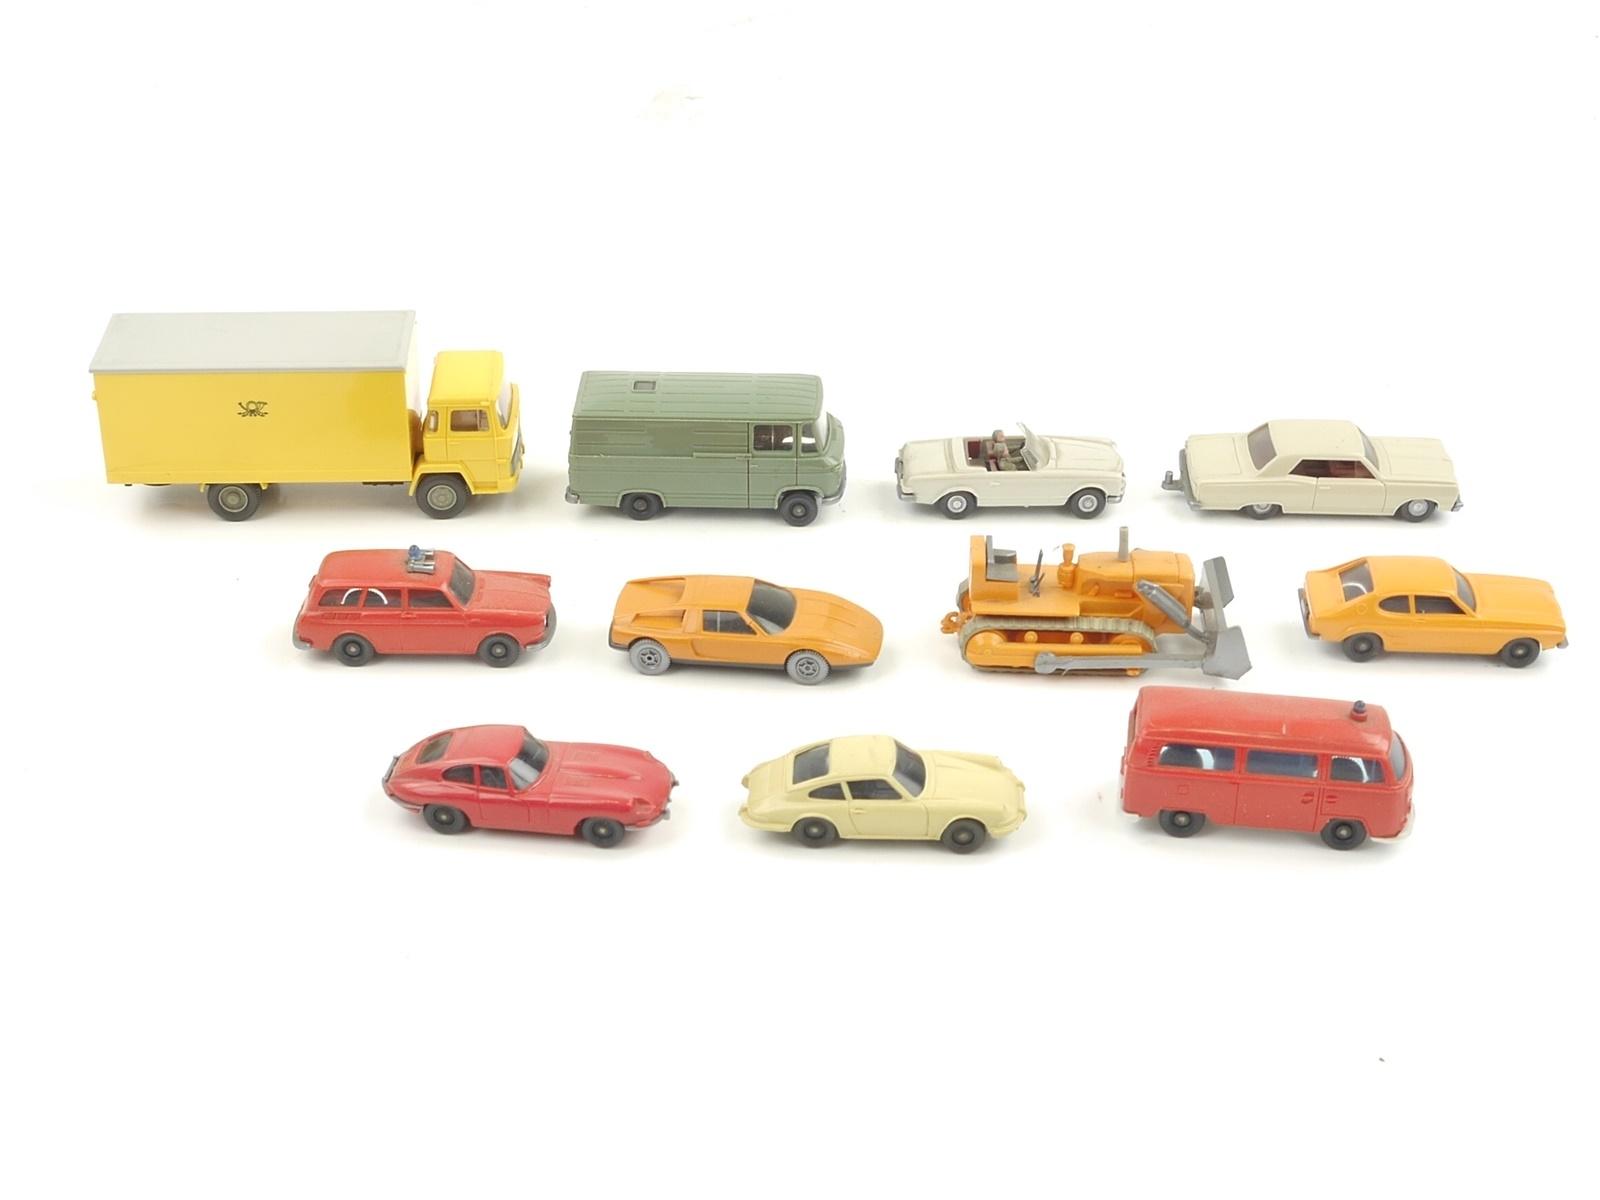 E180 Wiking H0 11x Modellauto PKW LKW Feuerwehr VW MB Ford Porsche etc. 1:87